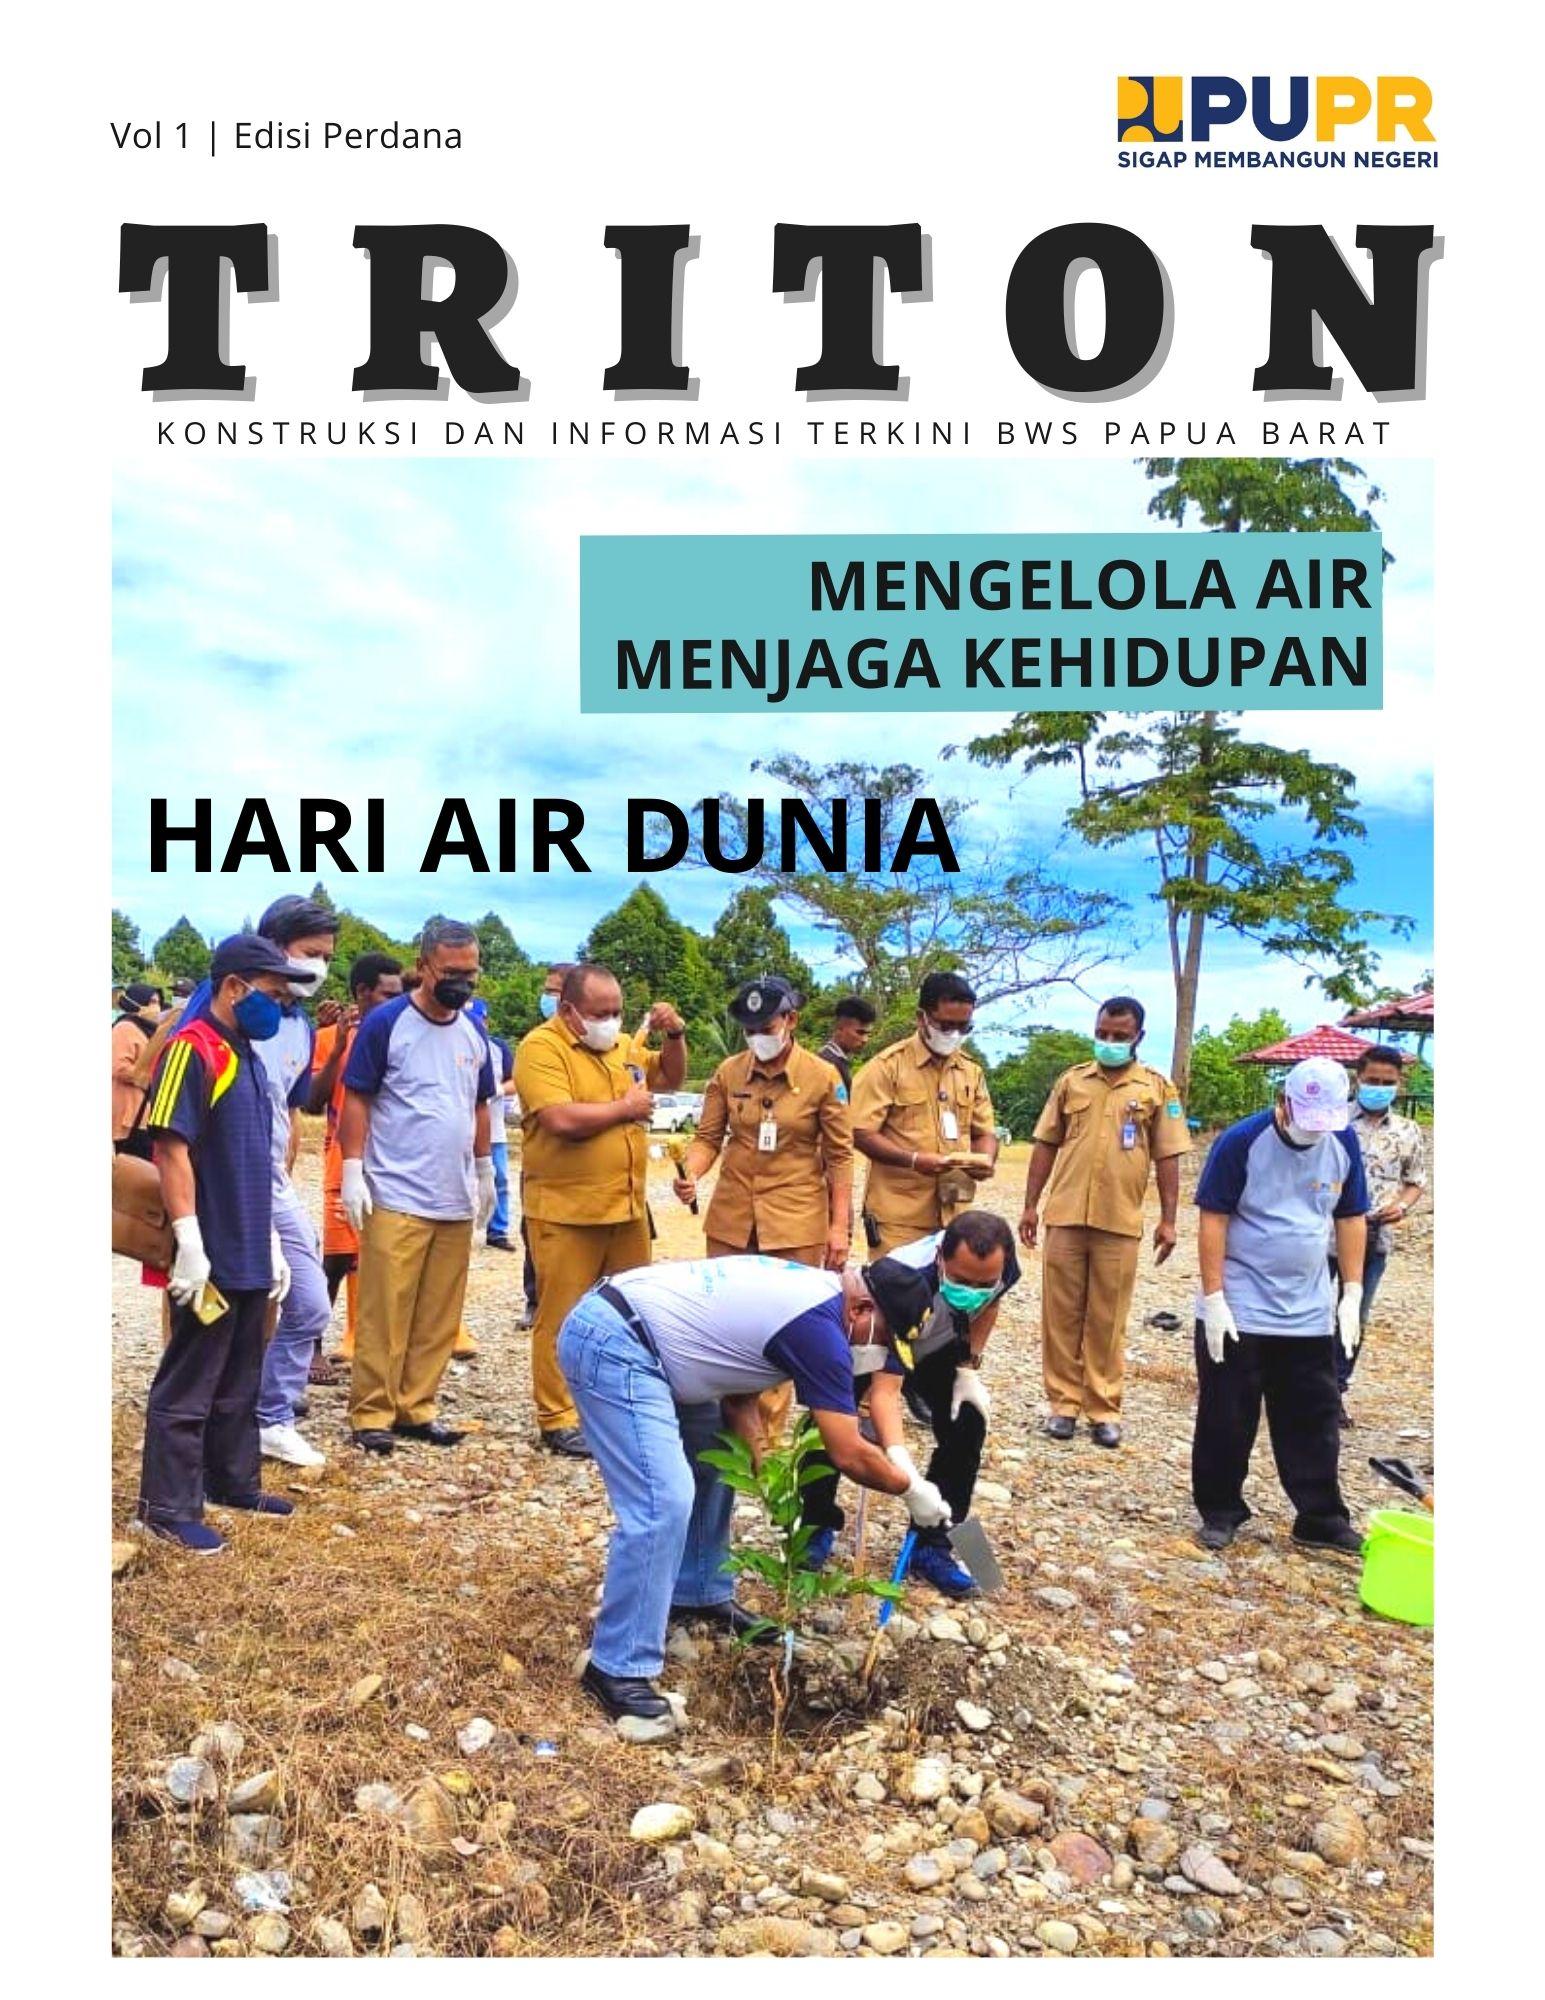 Majalah Edisi Perdana Januari - Juni  2021